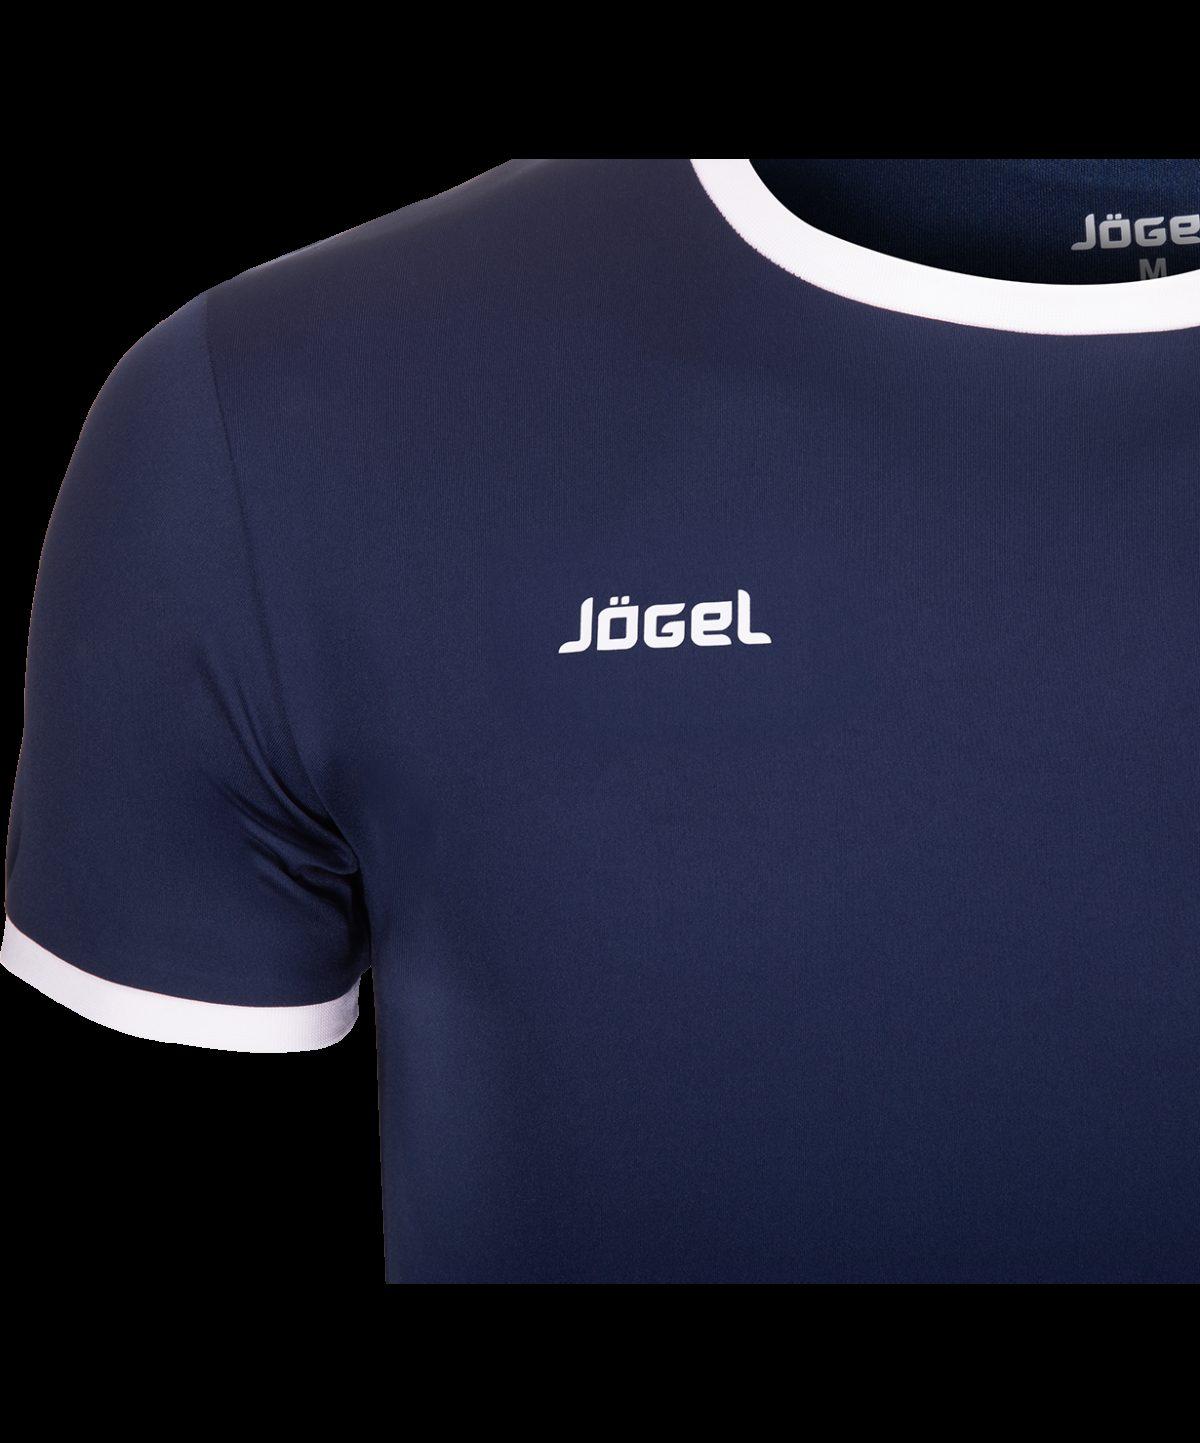 JOGEL Футболка, синий/белый  JFT-1010-091 - 3